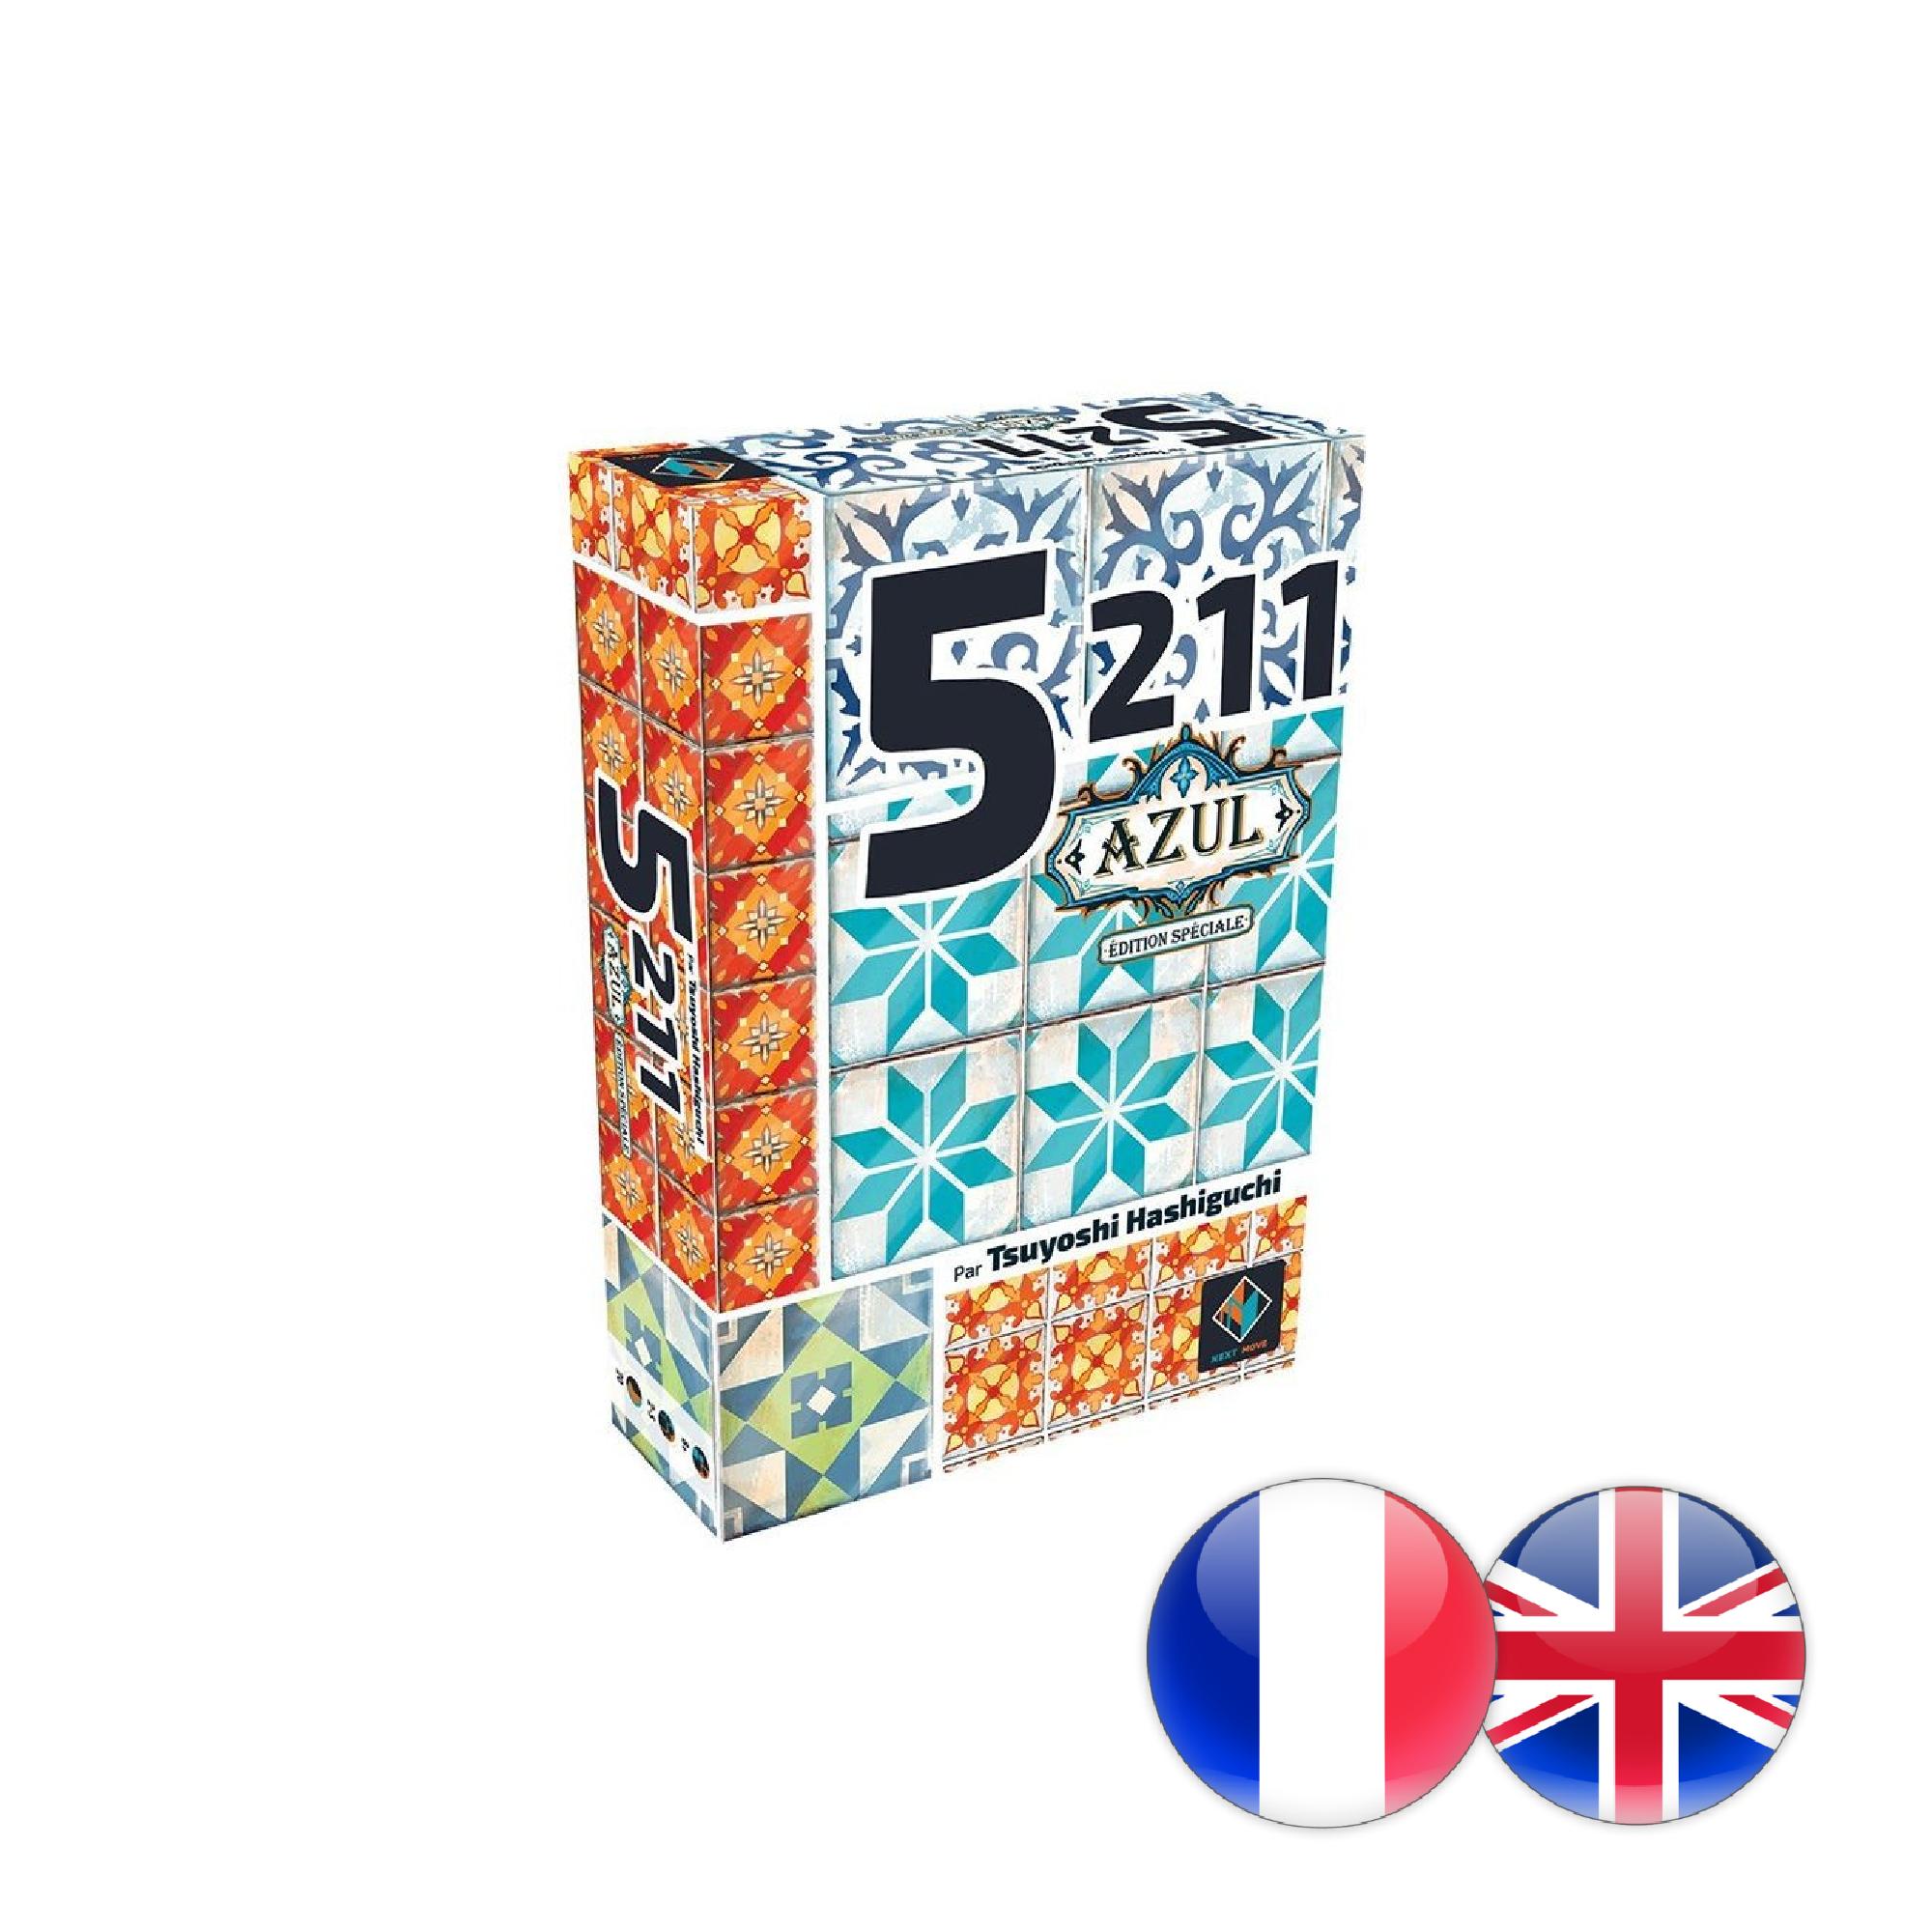 Next Hour 5211 Azul Edition (multi)